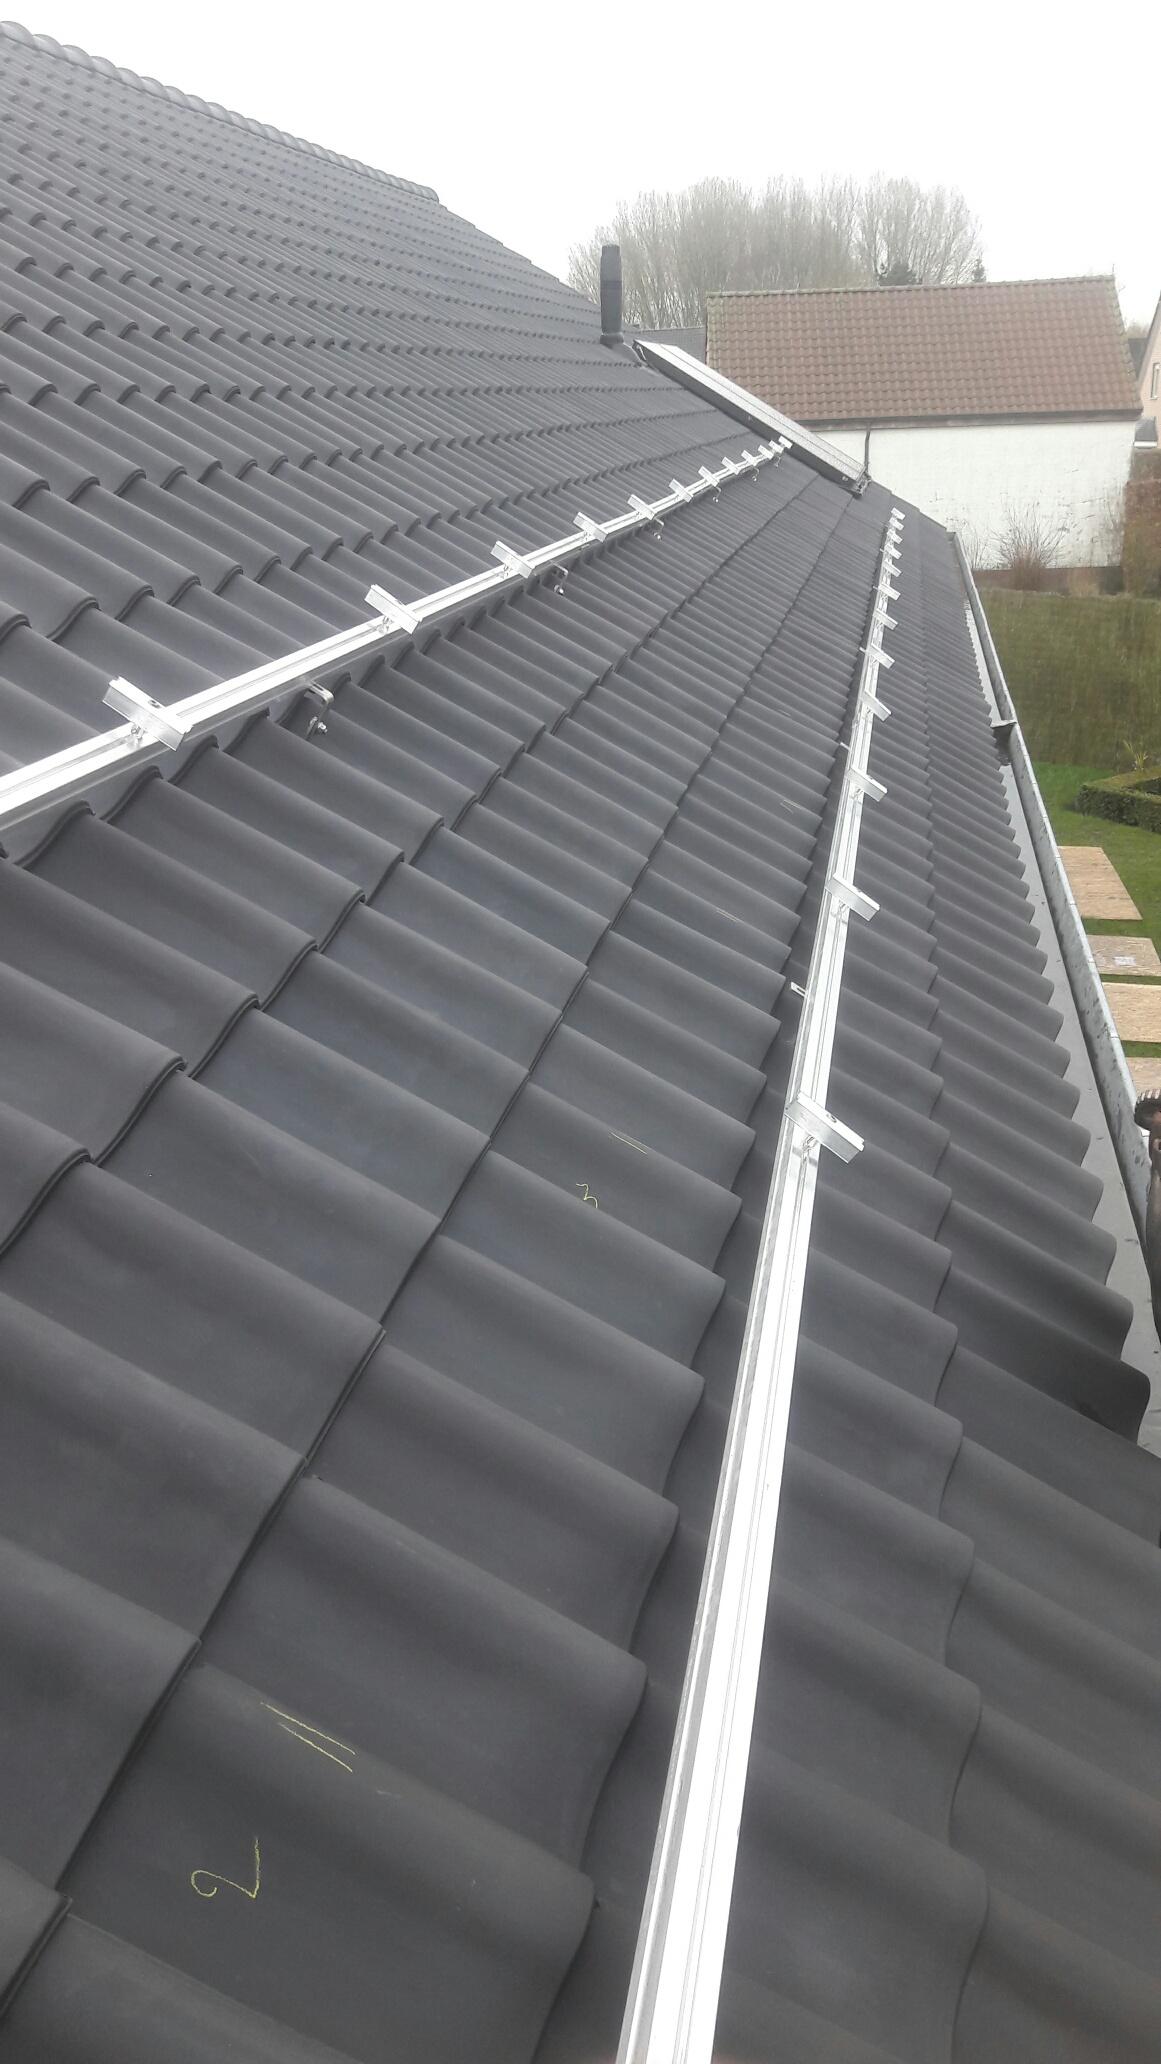 Installatie rails zonnepanelen